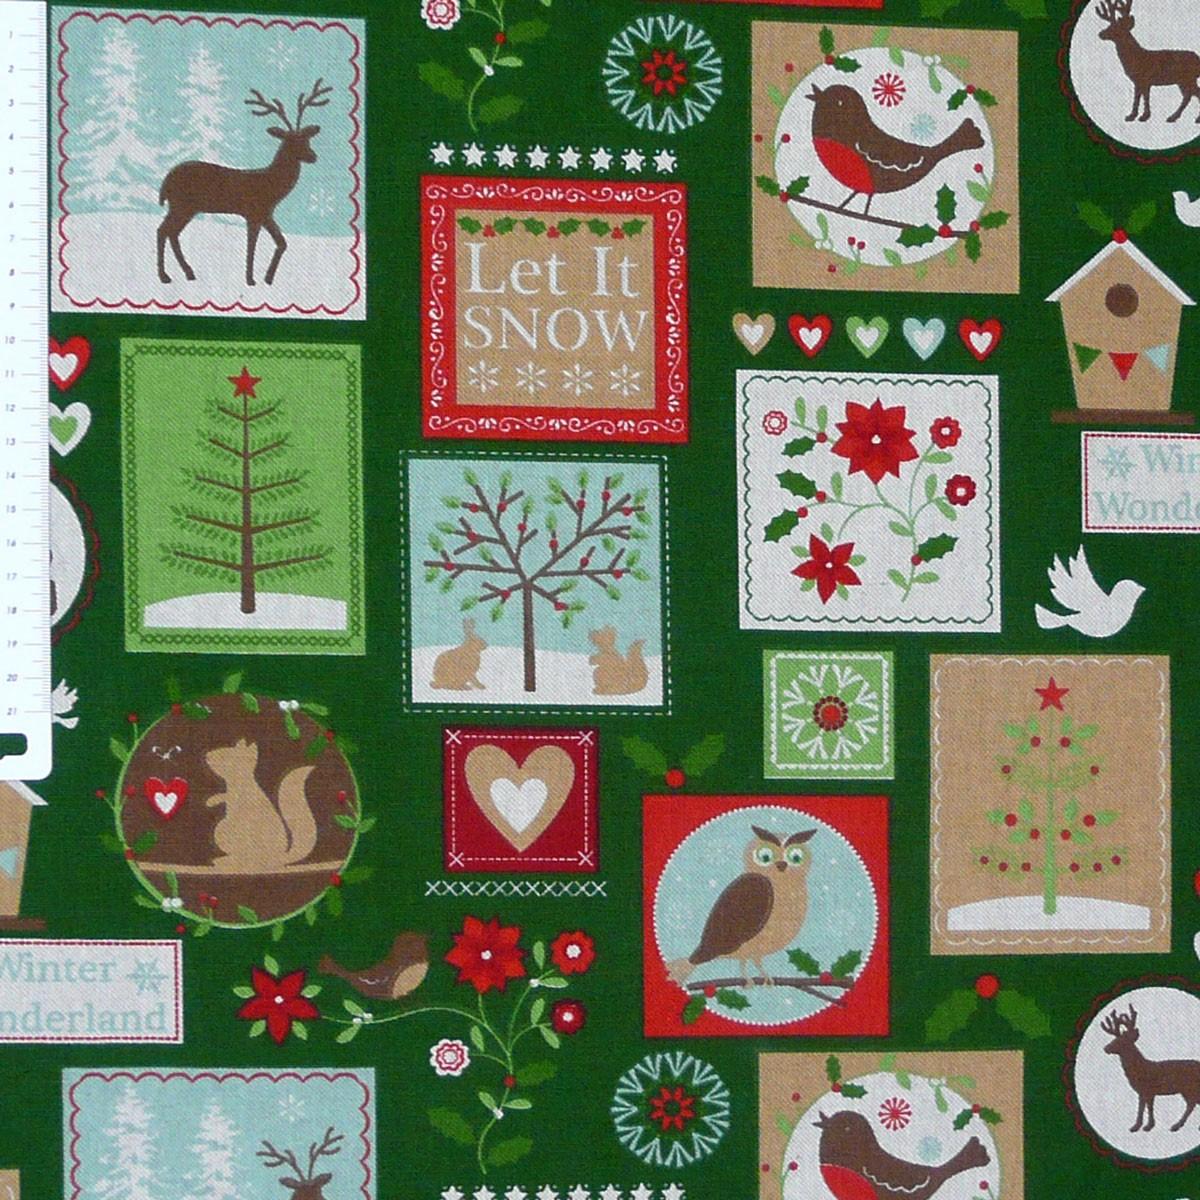 Gardinenstoff Stoff Dekostoff Meterware Tiere Patchwork Weihnachten grün